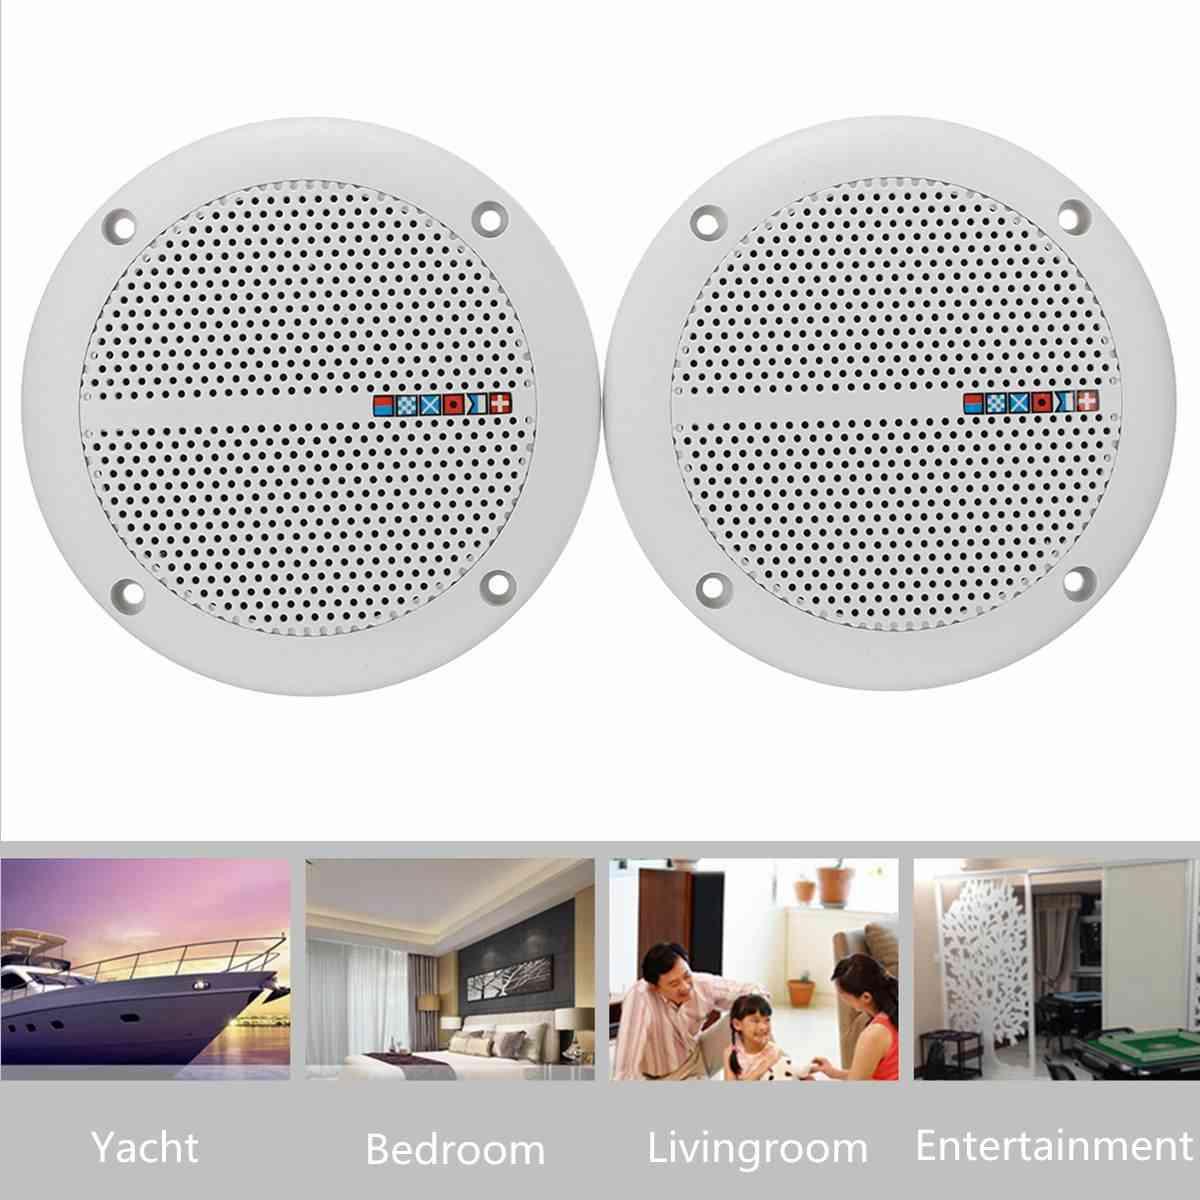 Ceiling Wall Speakers, Waterproof Loudspeaker, Marine Boat Water Resistant Speakers